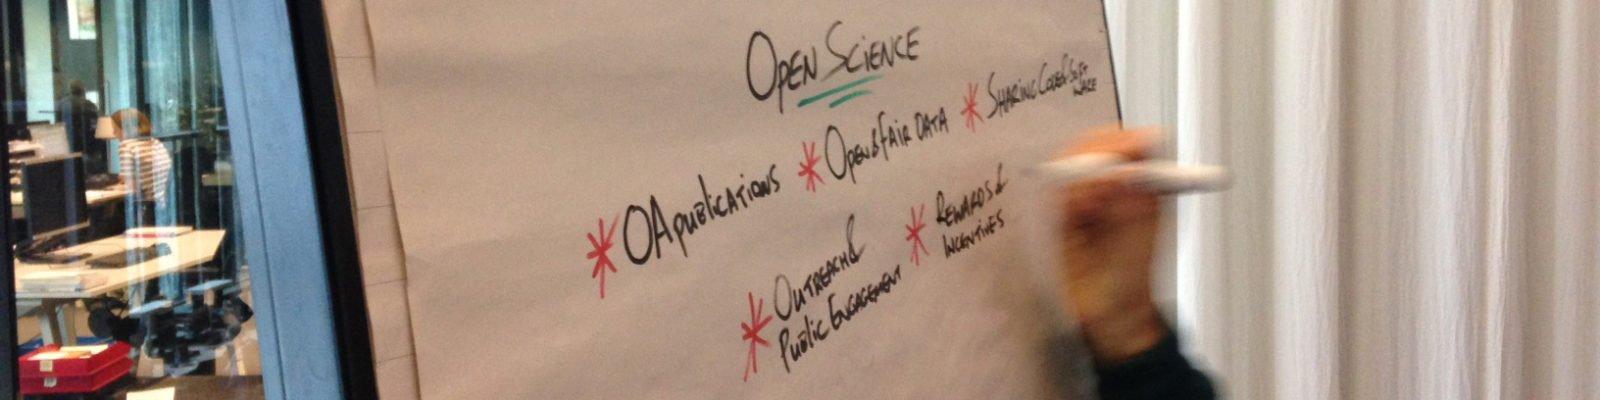 Flipover met tekst over open science